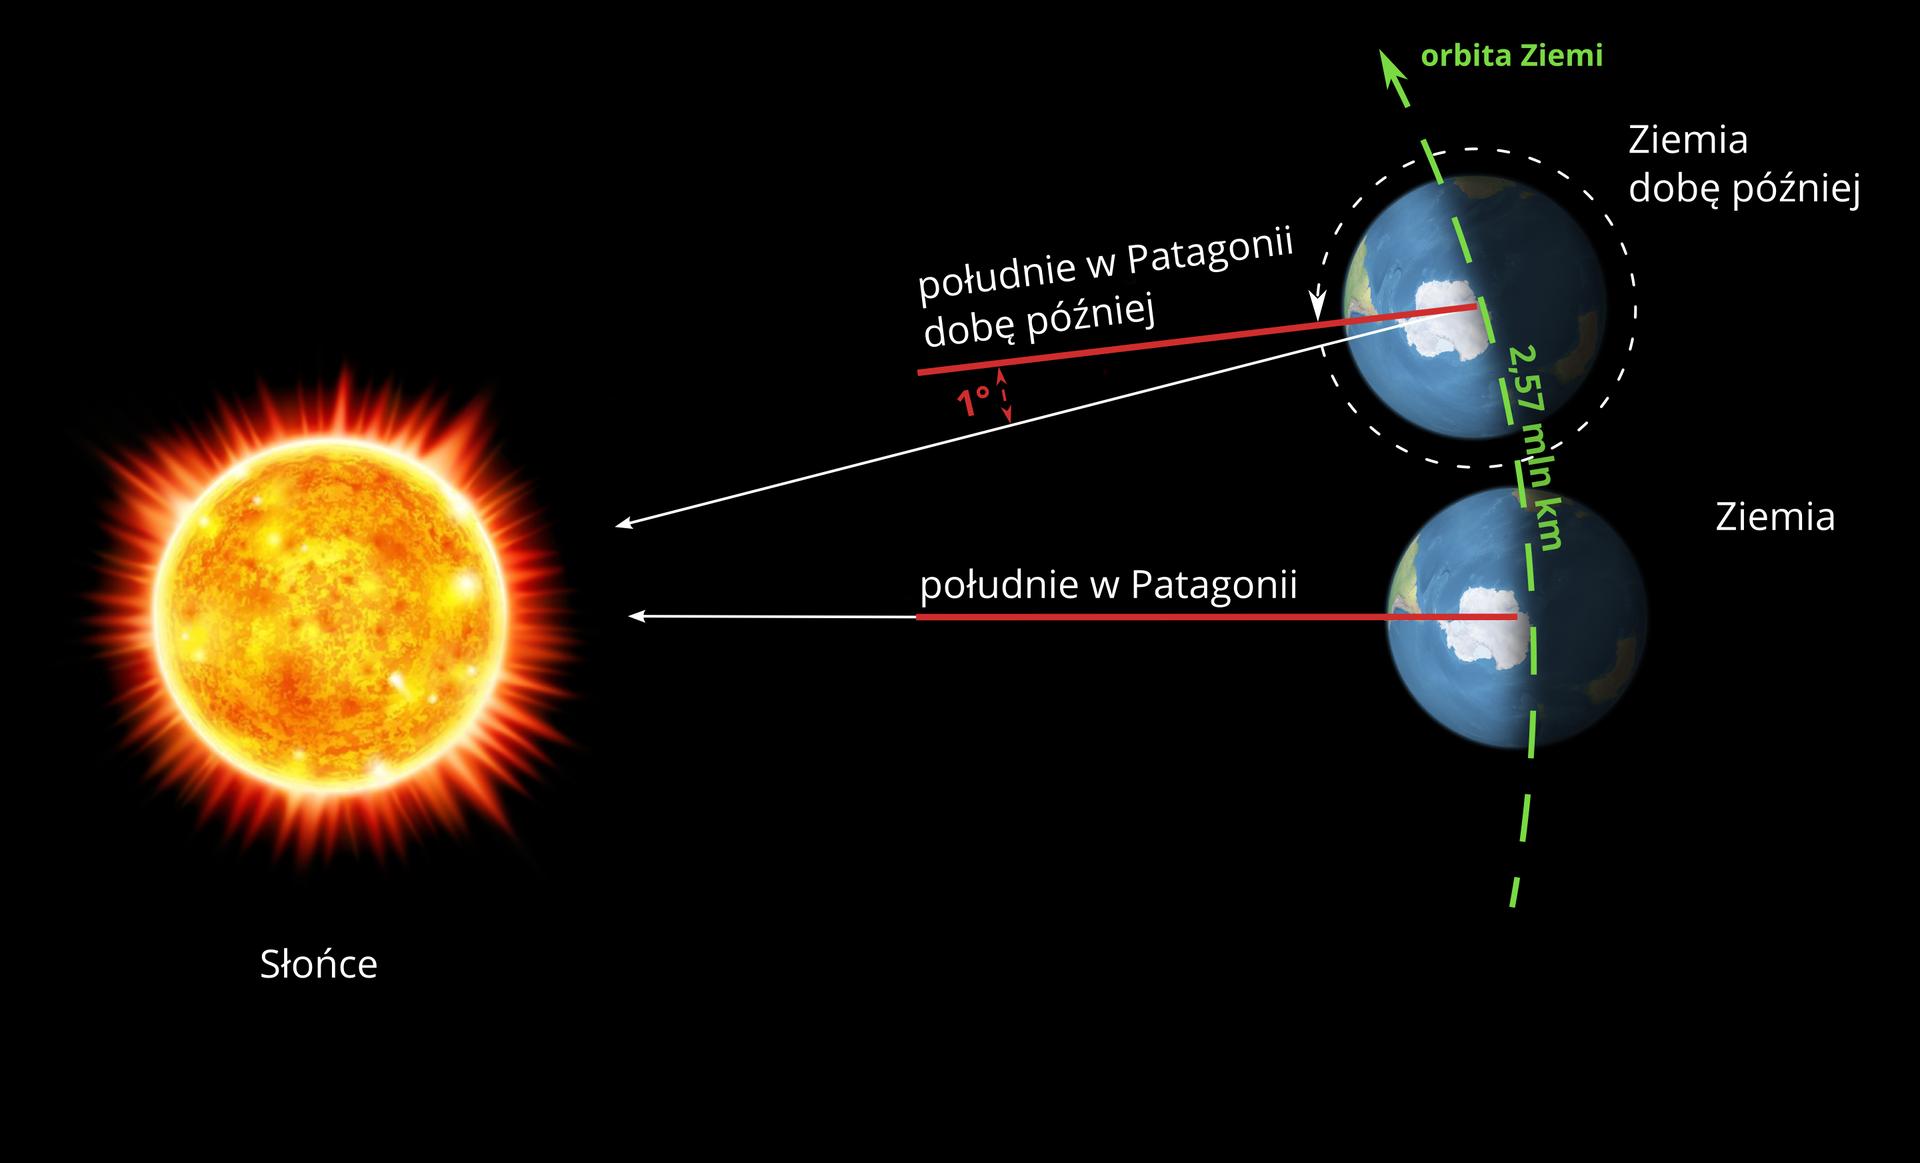 Ilustracja przedstawia zjawisko obracania się Ziemi wokół własnej osi oraz jej obiegu wokół Słońca. Po lewej stronie Słońce. Żółto pomarańczowa kula. Po prawej stronie, naprzeciw Słońca, dwie ilustracje kuli ziemskiej. Pozioma strzałka biegnie dokładnie wpołowie ilustracji. Początek strzałki znajduje się na orbicie Ziemi. Grot strzałki wskazuje Słońce. Powyżej linii napis: południe wPatagonii. Powyżej ta sama kula Ziemska. Orbita wkształcie półkola. Powyżej napis: Ziemia dobę później. Na lewo strzałka wskazująca Słońce. Powyżej strzałki czerwona linia. Początek linii istrzałki wychodzi ztego samego punktu na orbicie Ziemi. Kąt pomiędzy strzałką aczerwoną linią to jeden stopień. Powyżej informacja: południe wPatagonii dobę później. Tło ilustracji czarne.